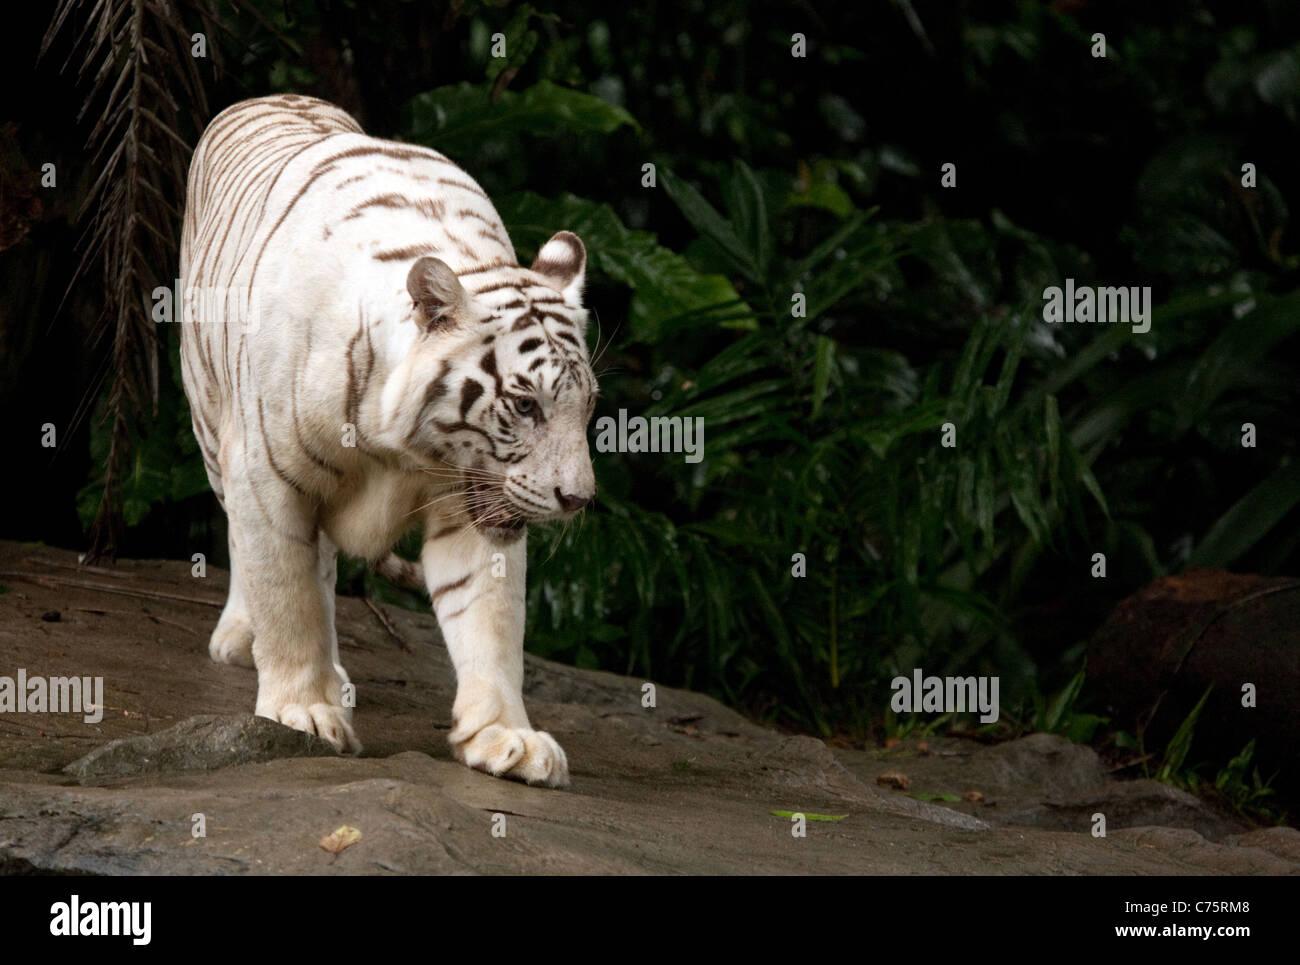 A white tiger walking (Panthera Tigris) in Singapore Zoo, Singapore, Asia - Stock Image